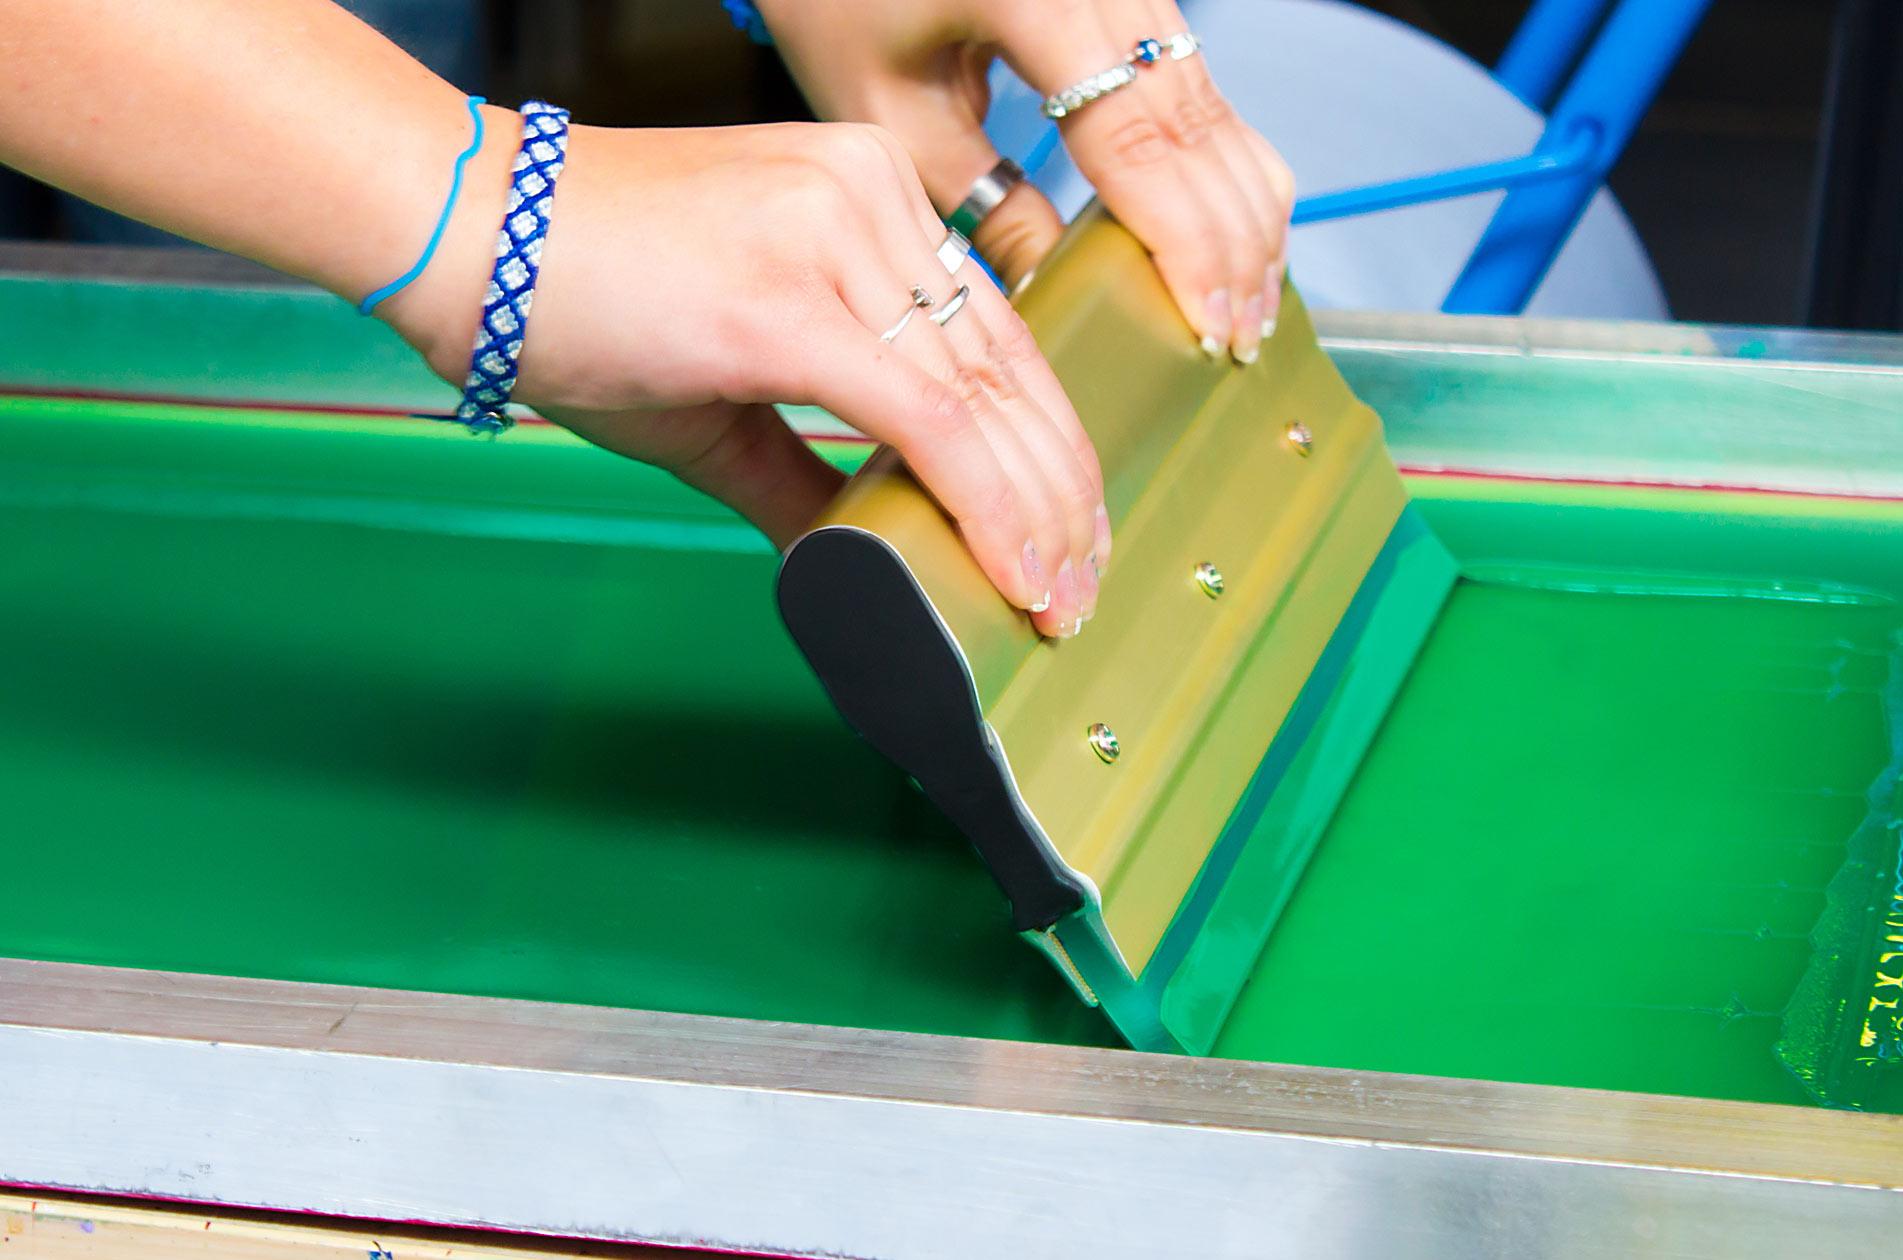 26e70e4d0 Silk Screen Printing Party - Wheaton College Massachusetts